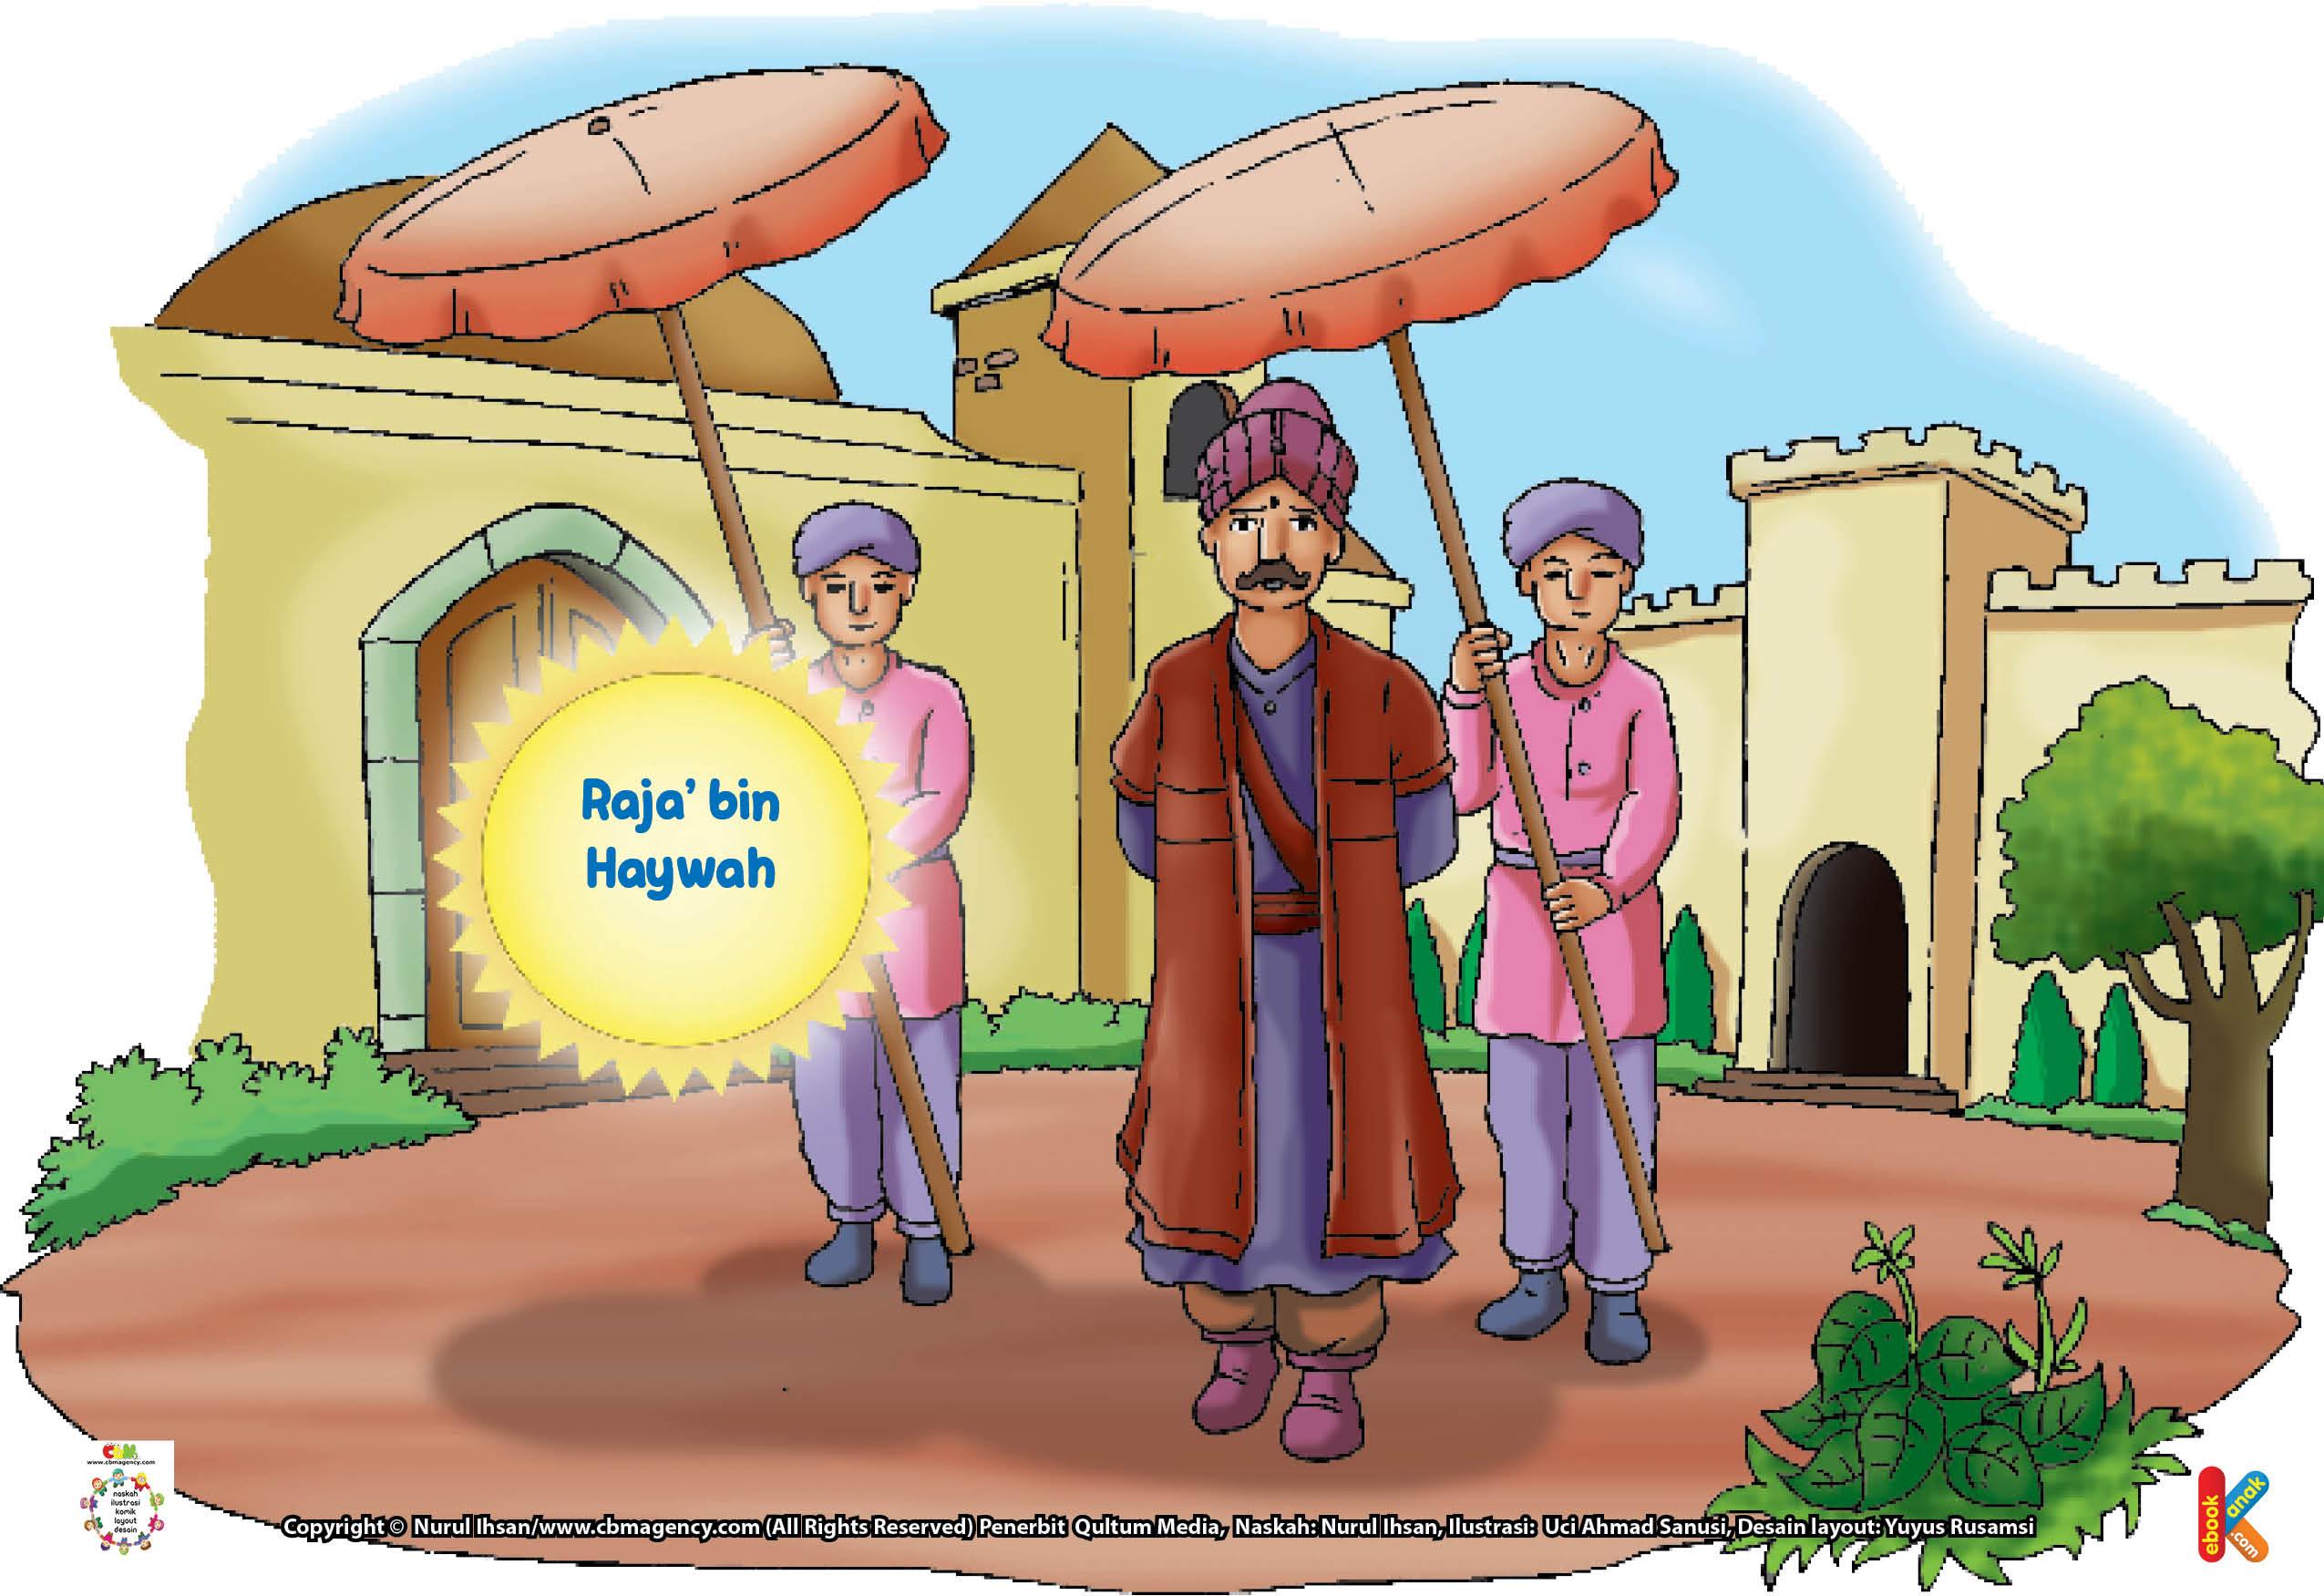 Karena kecerdasannya itulah, Raja' bin Haywah lalu diangkat menjadi menteri beberapa Khalifah Bani Umayyah.